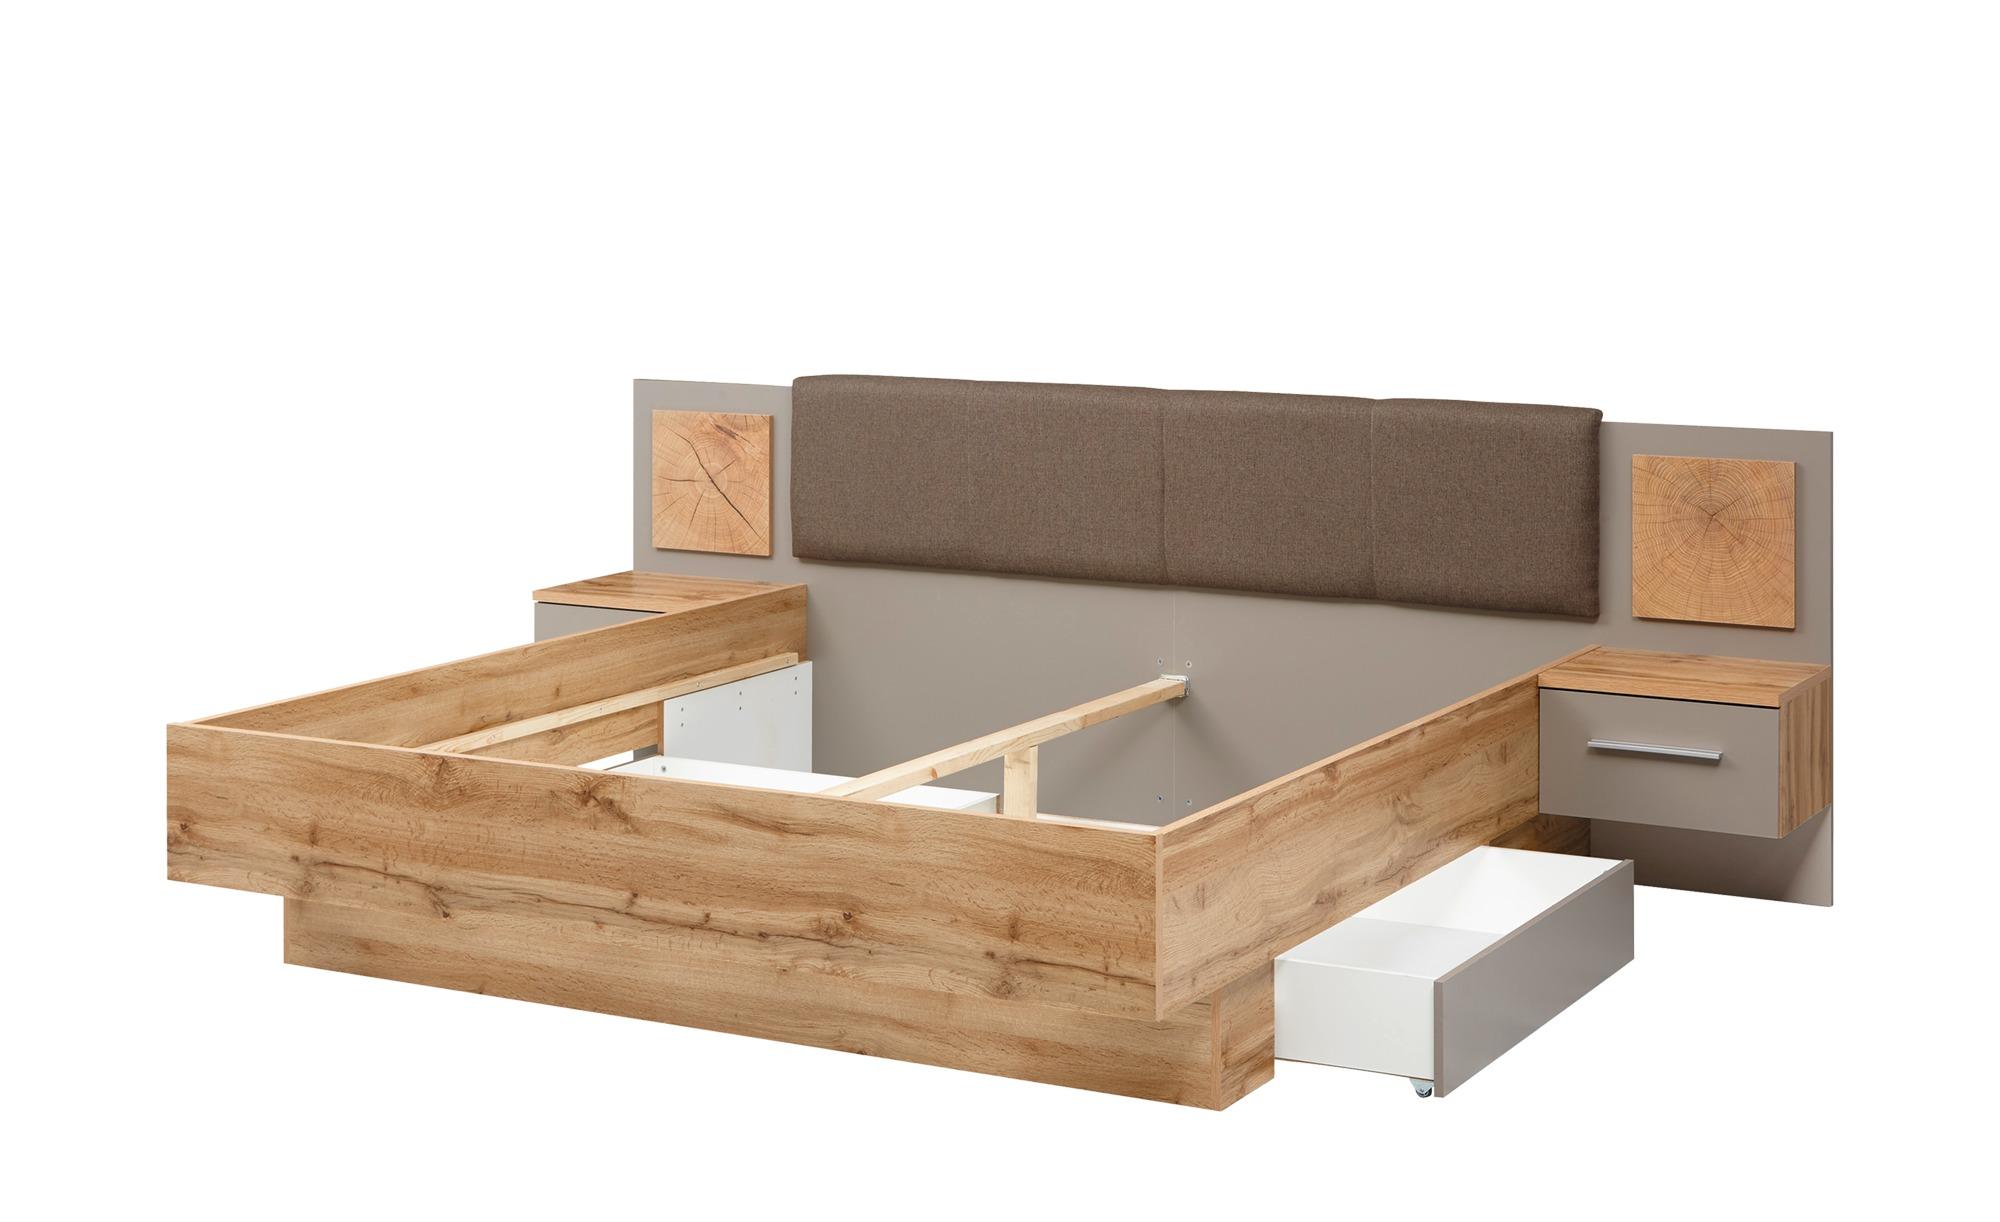 Uno Schlafzimmer 4 Teilig Mit Bettkasten Campus Wildeiche Basaltgrau